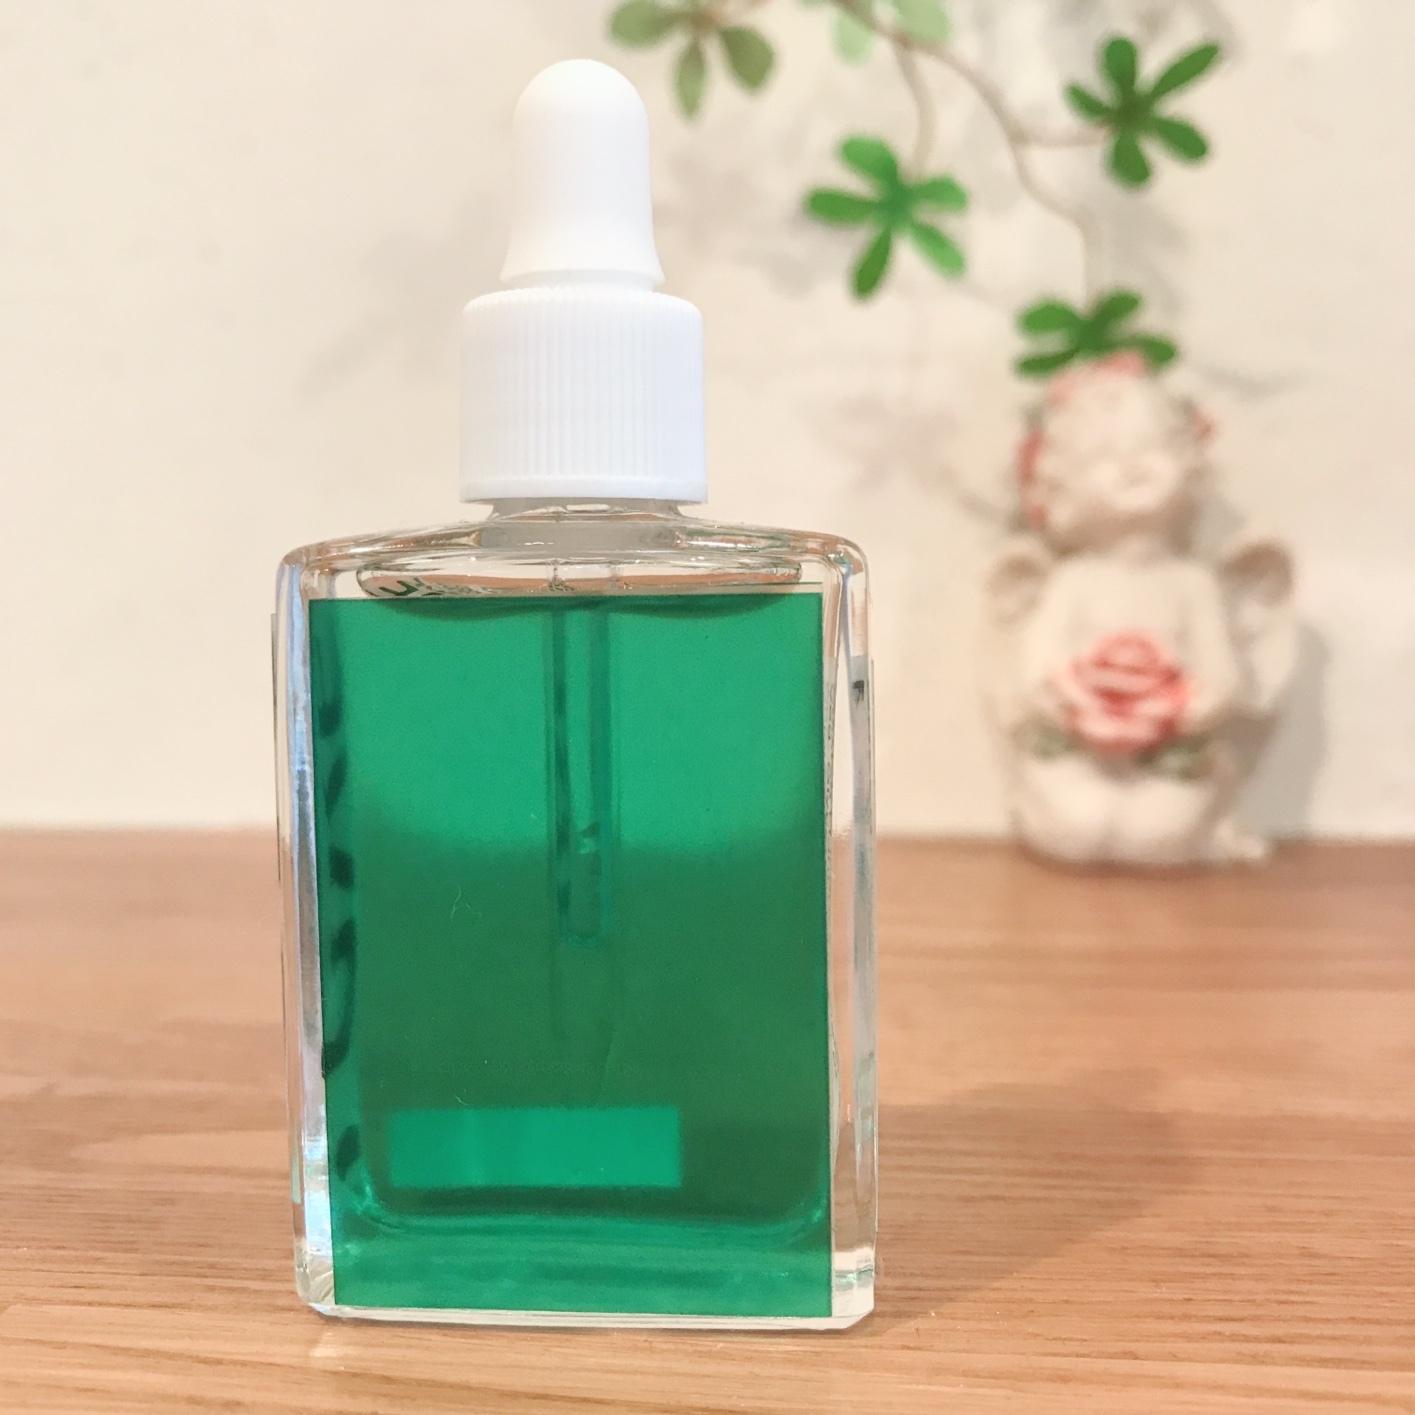 ラブ(愛)♡グリーン|カラーライトエリクシール / フローラコロナ